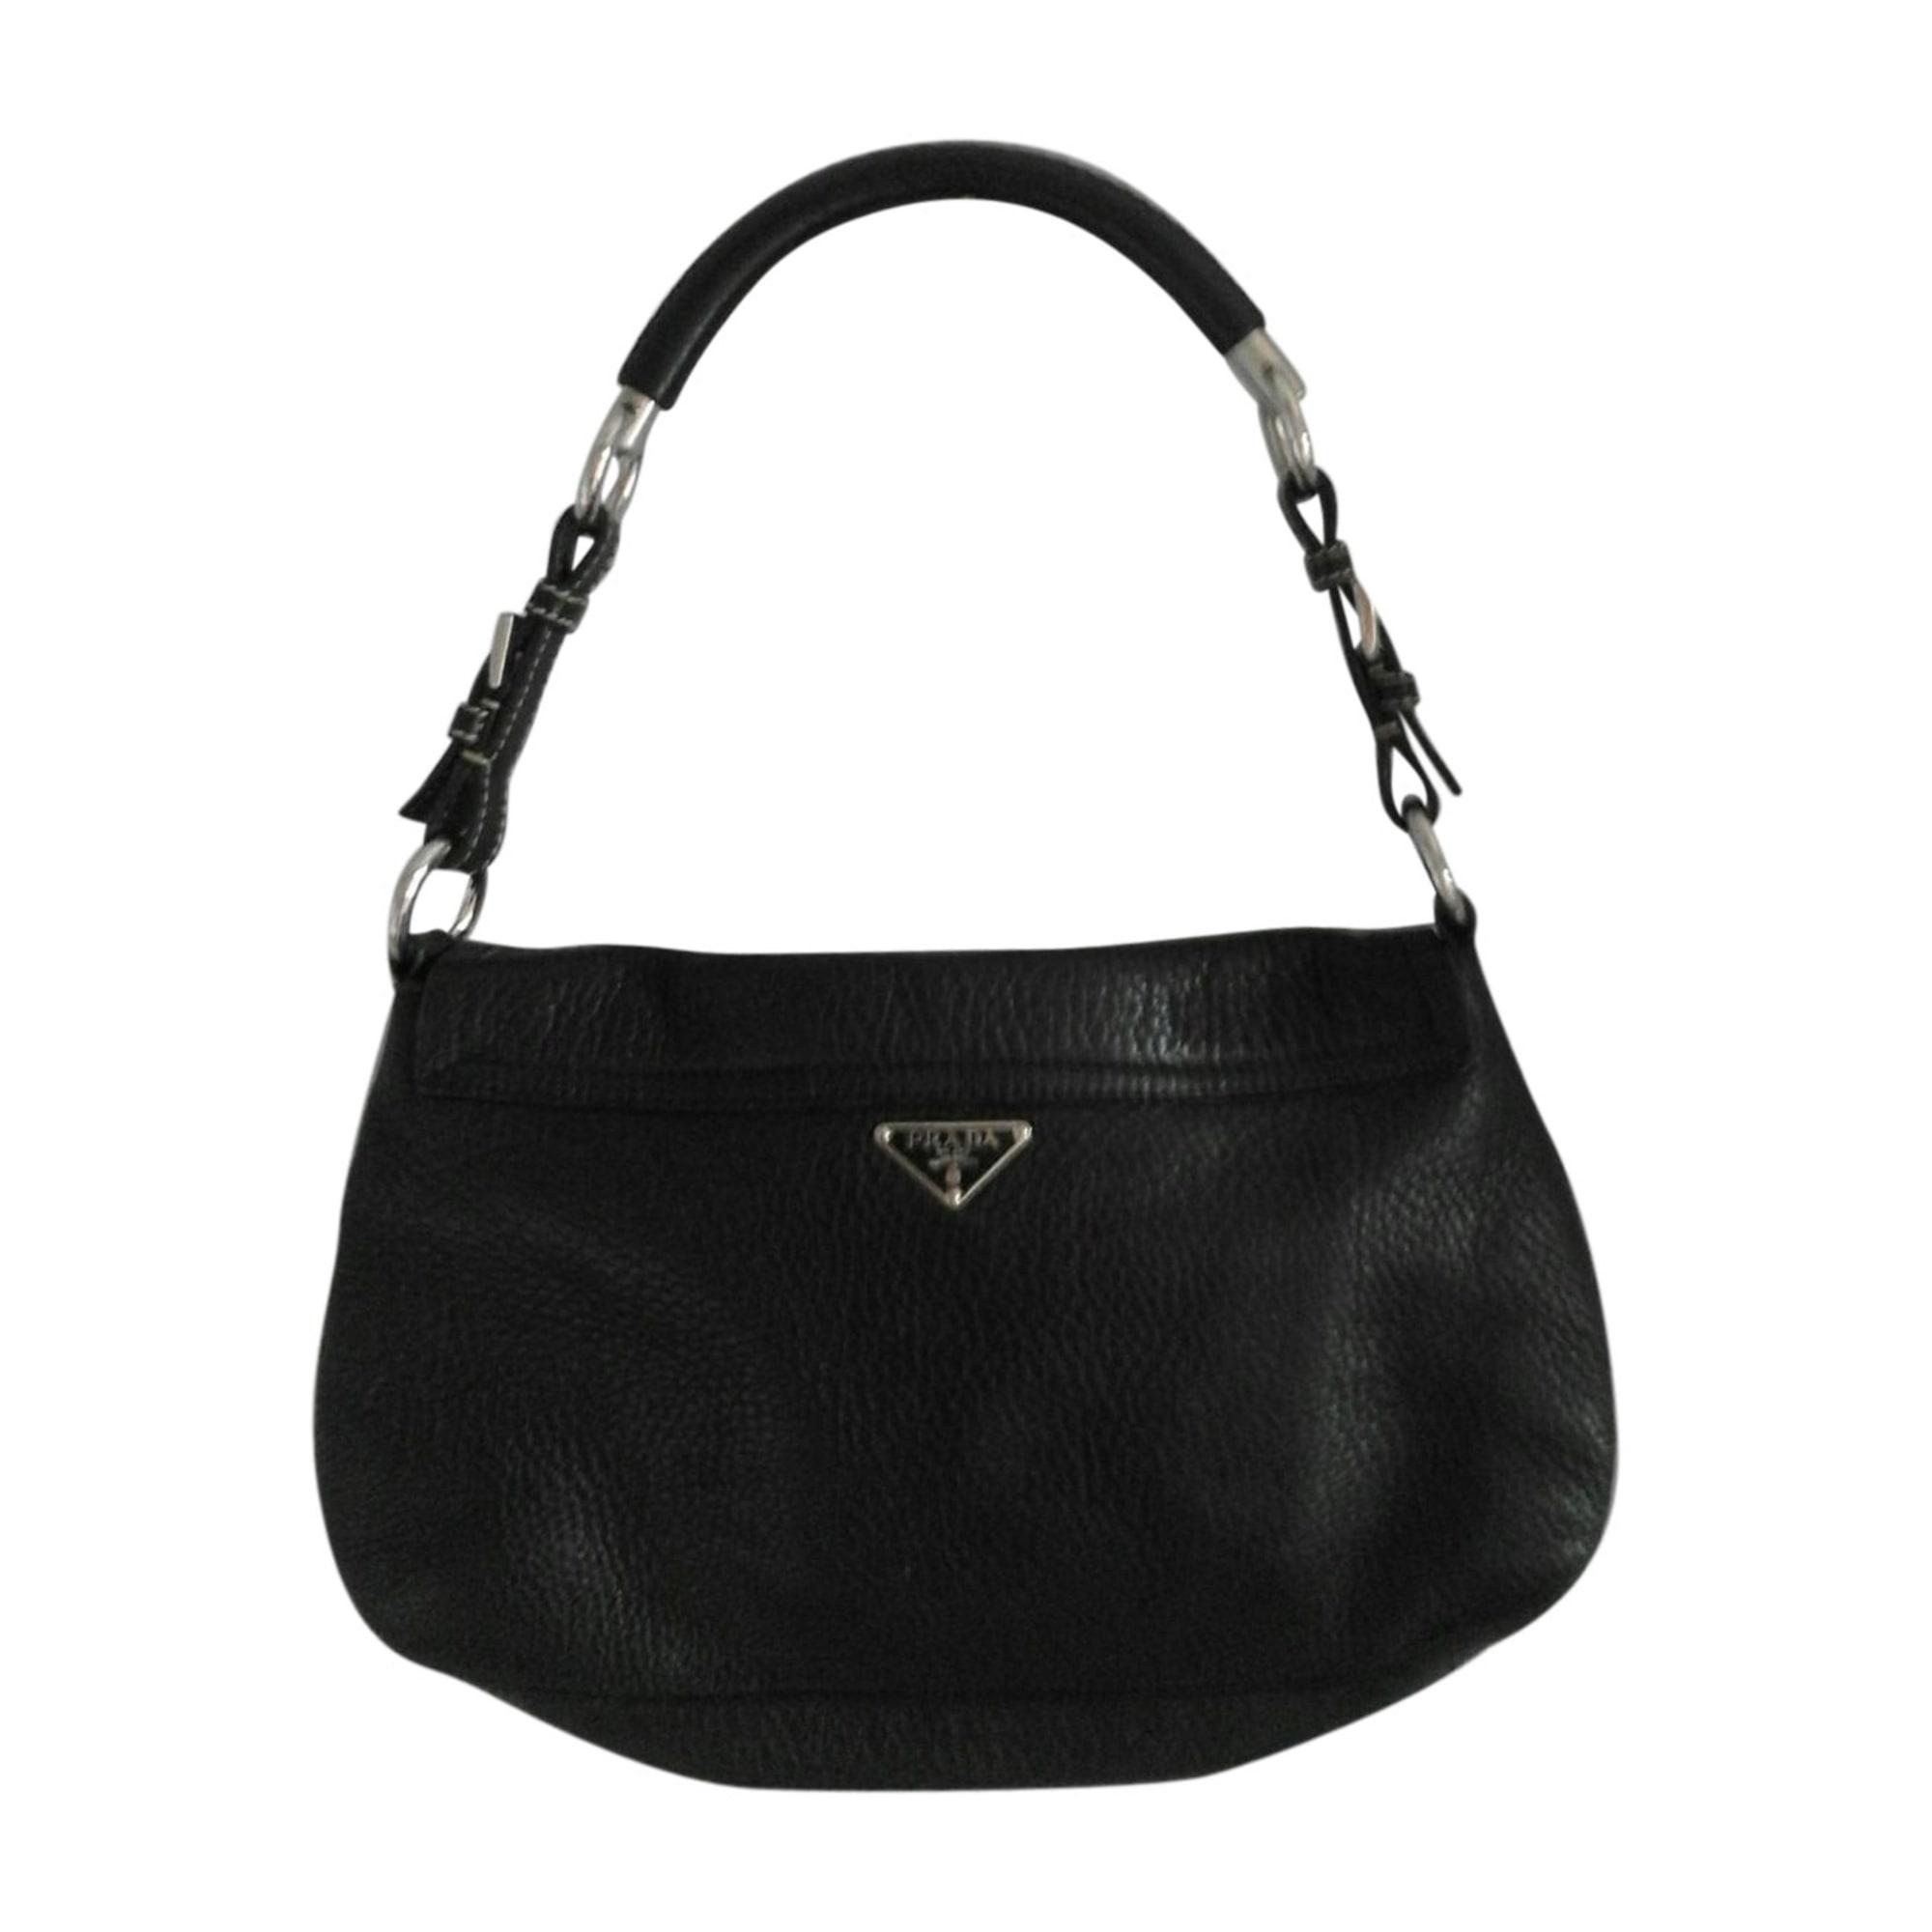 Leather Shoulder Bag PRADA black vendu par Elly-fashion ...